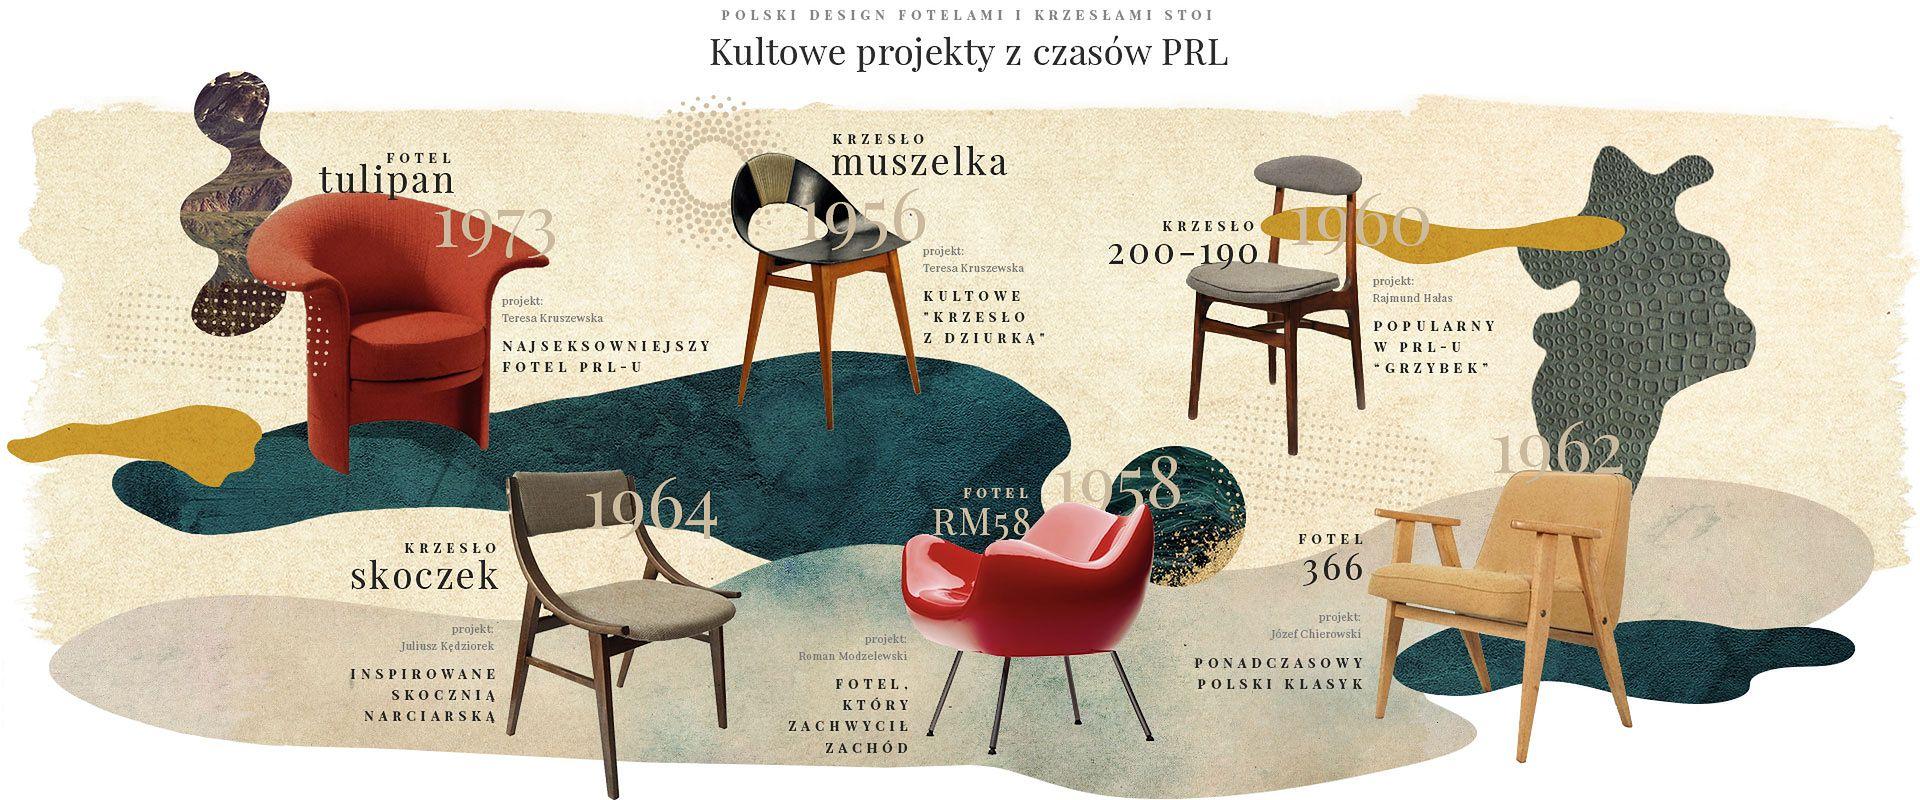 Allegro Szkoła Polskiego Designu Wppl